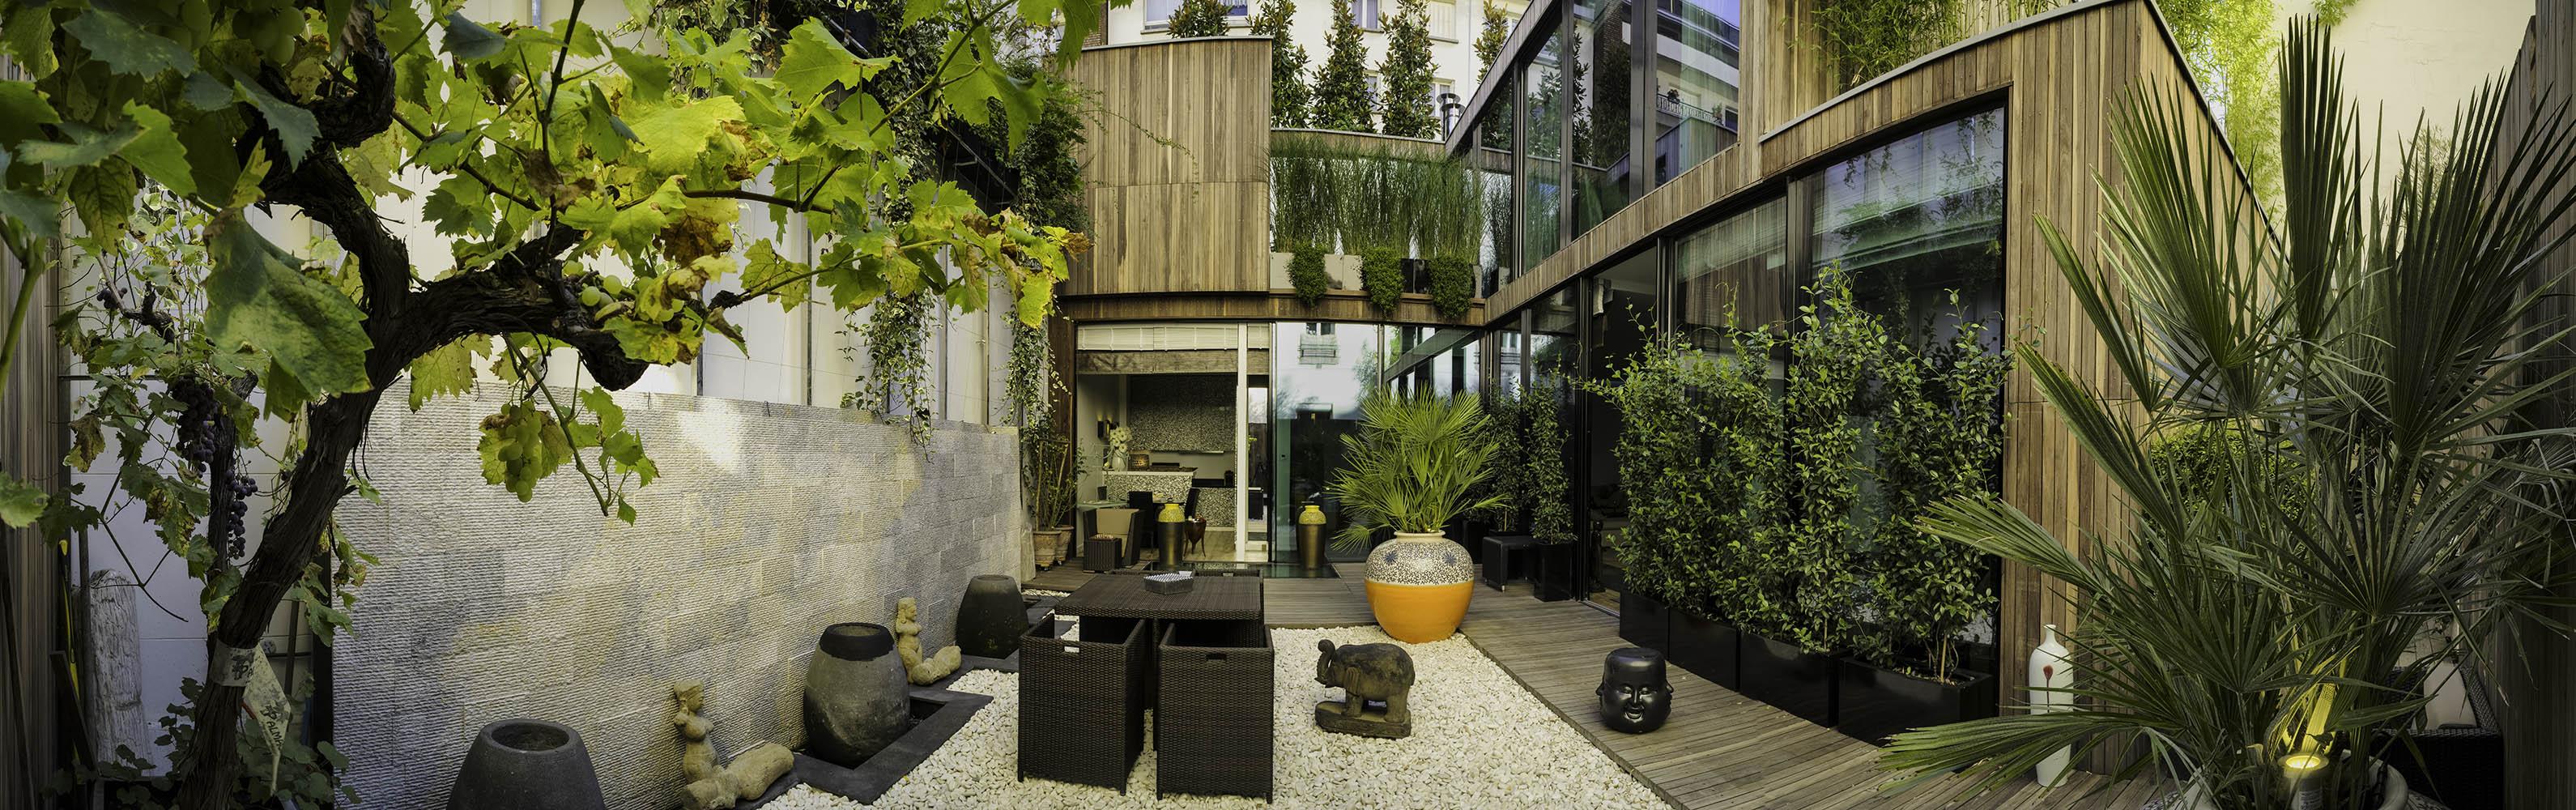 Paris 13eme rare maison ind pendante vendre rue de la for Buttes aux cailles piscine